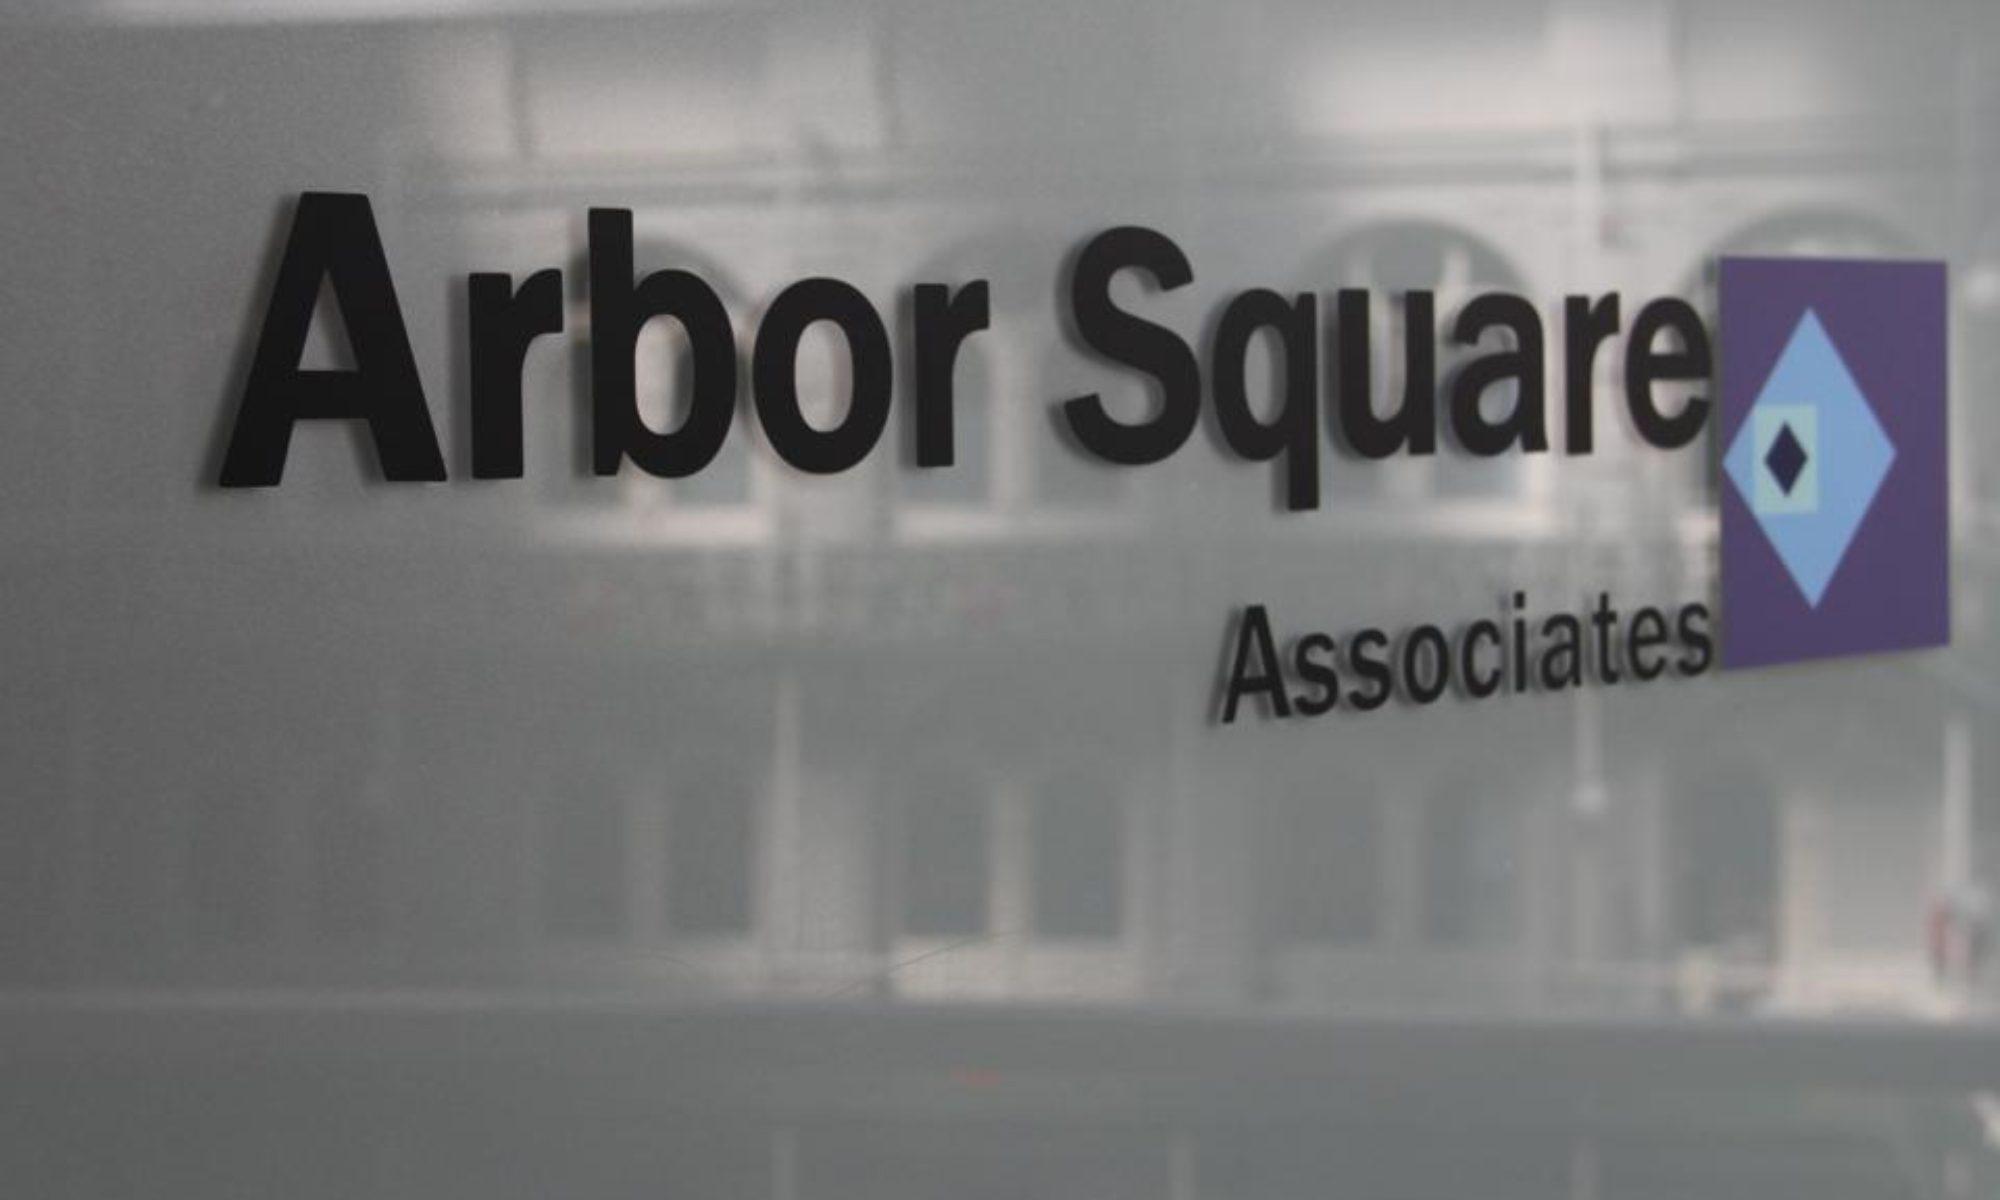 Arbor square